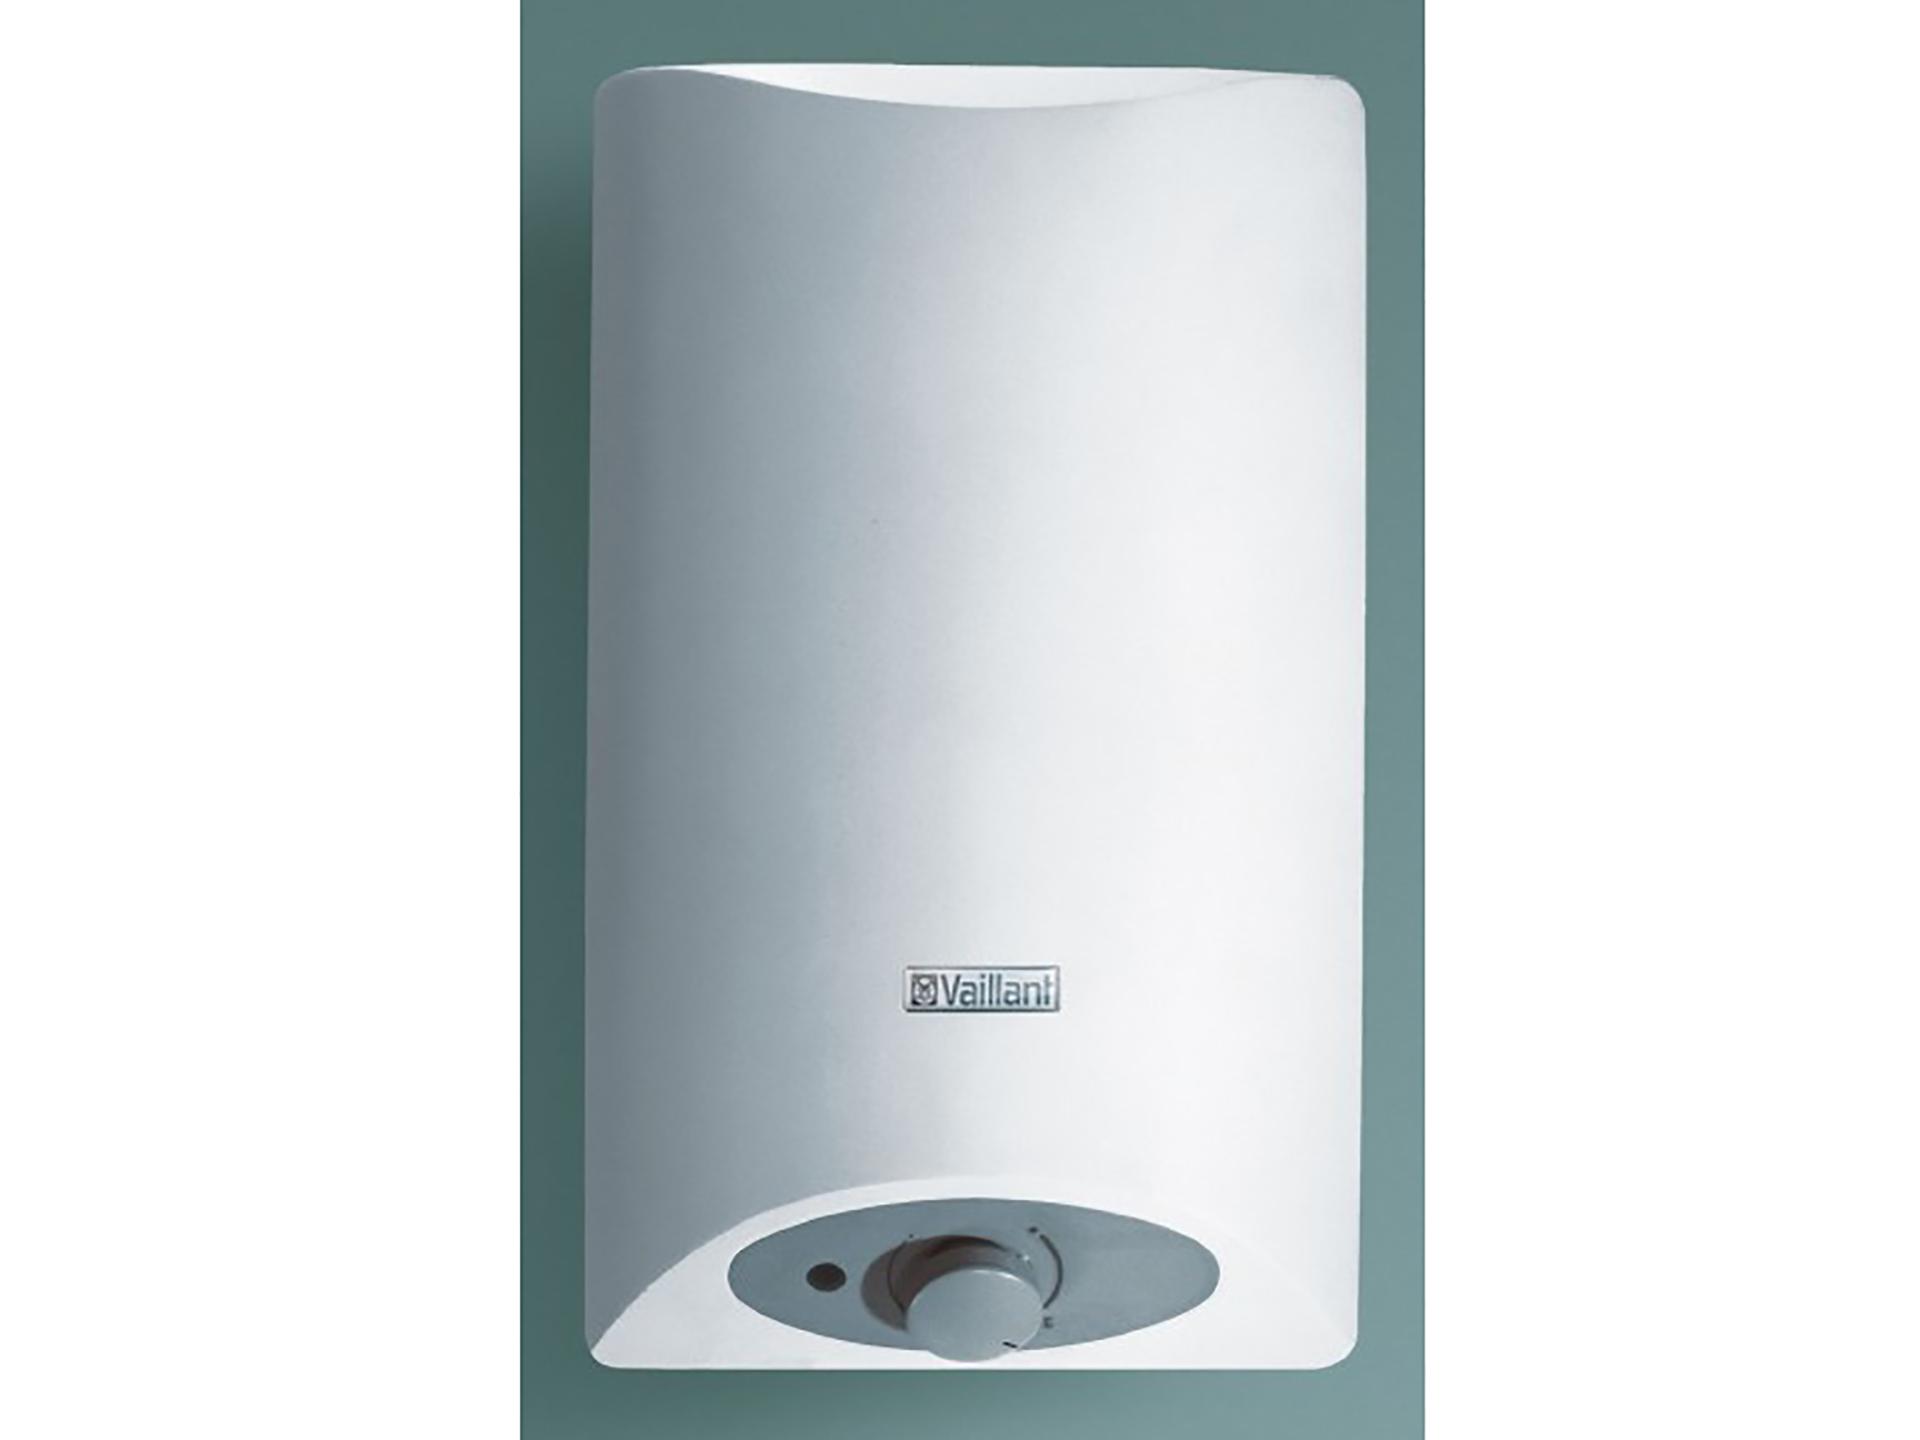 chauffe eau gaz vaillant prix chaudire vaillant kw boiler l obtenir un prix with chauffe eau. Black Bedroom Furniture Sets. Home Design Ideas